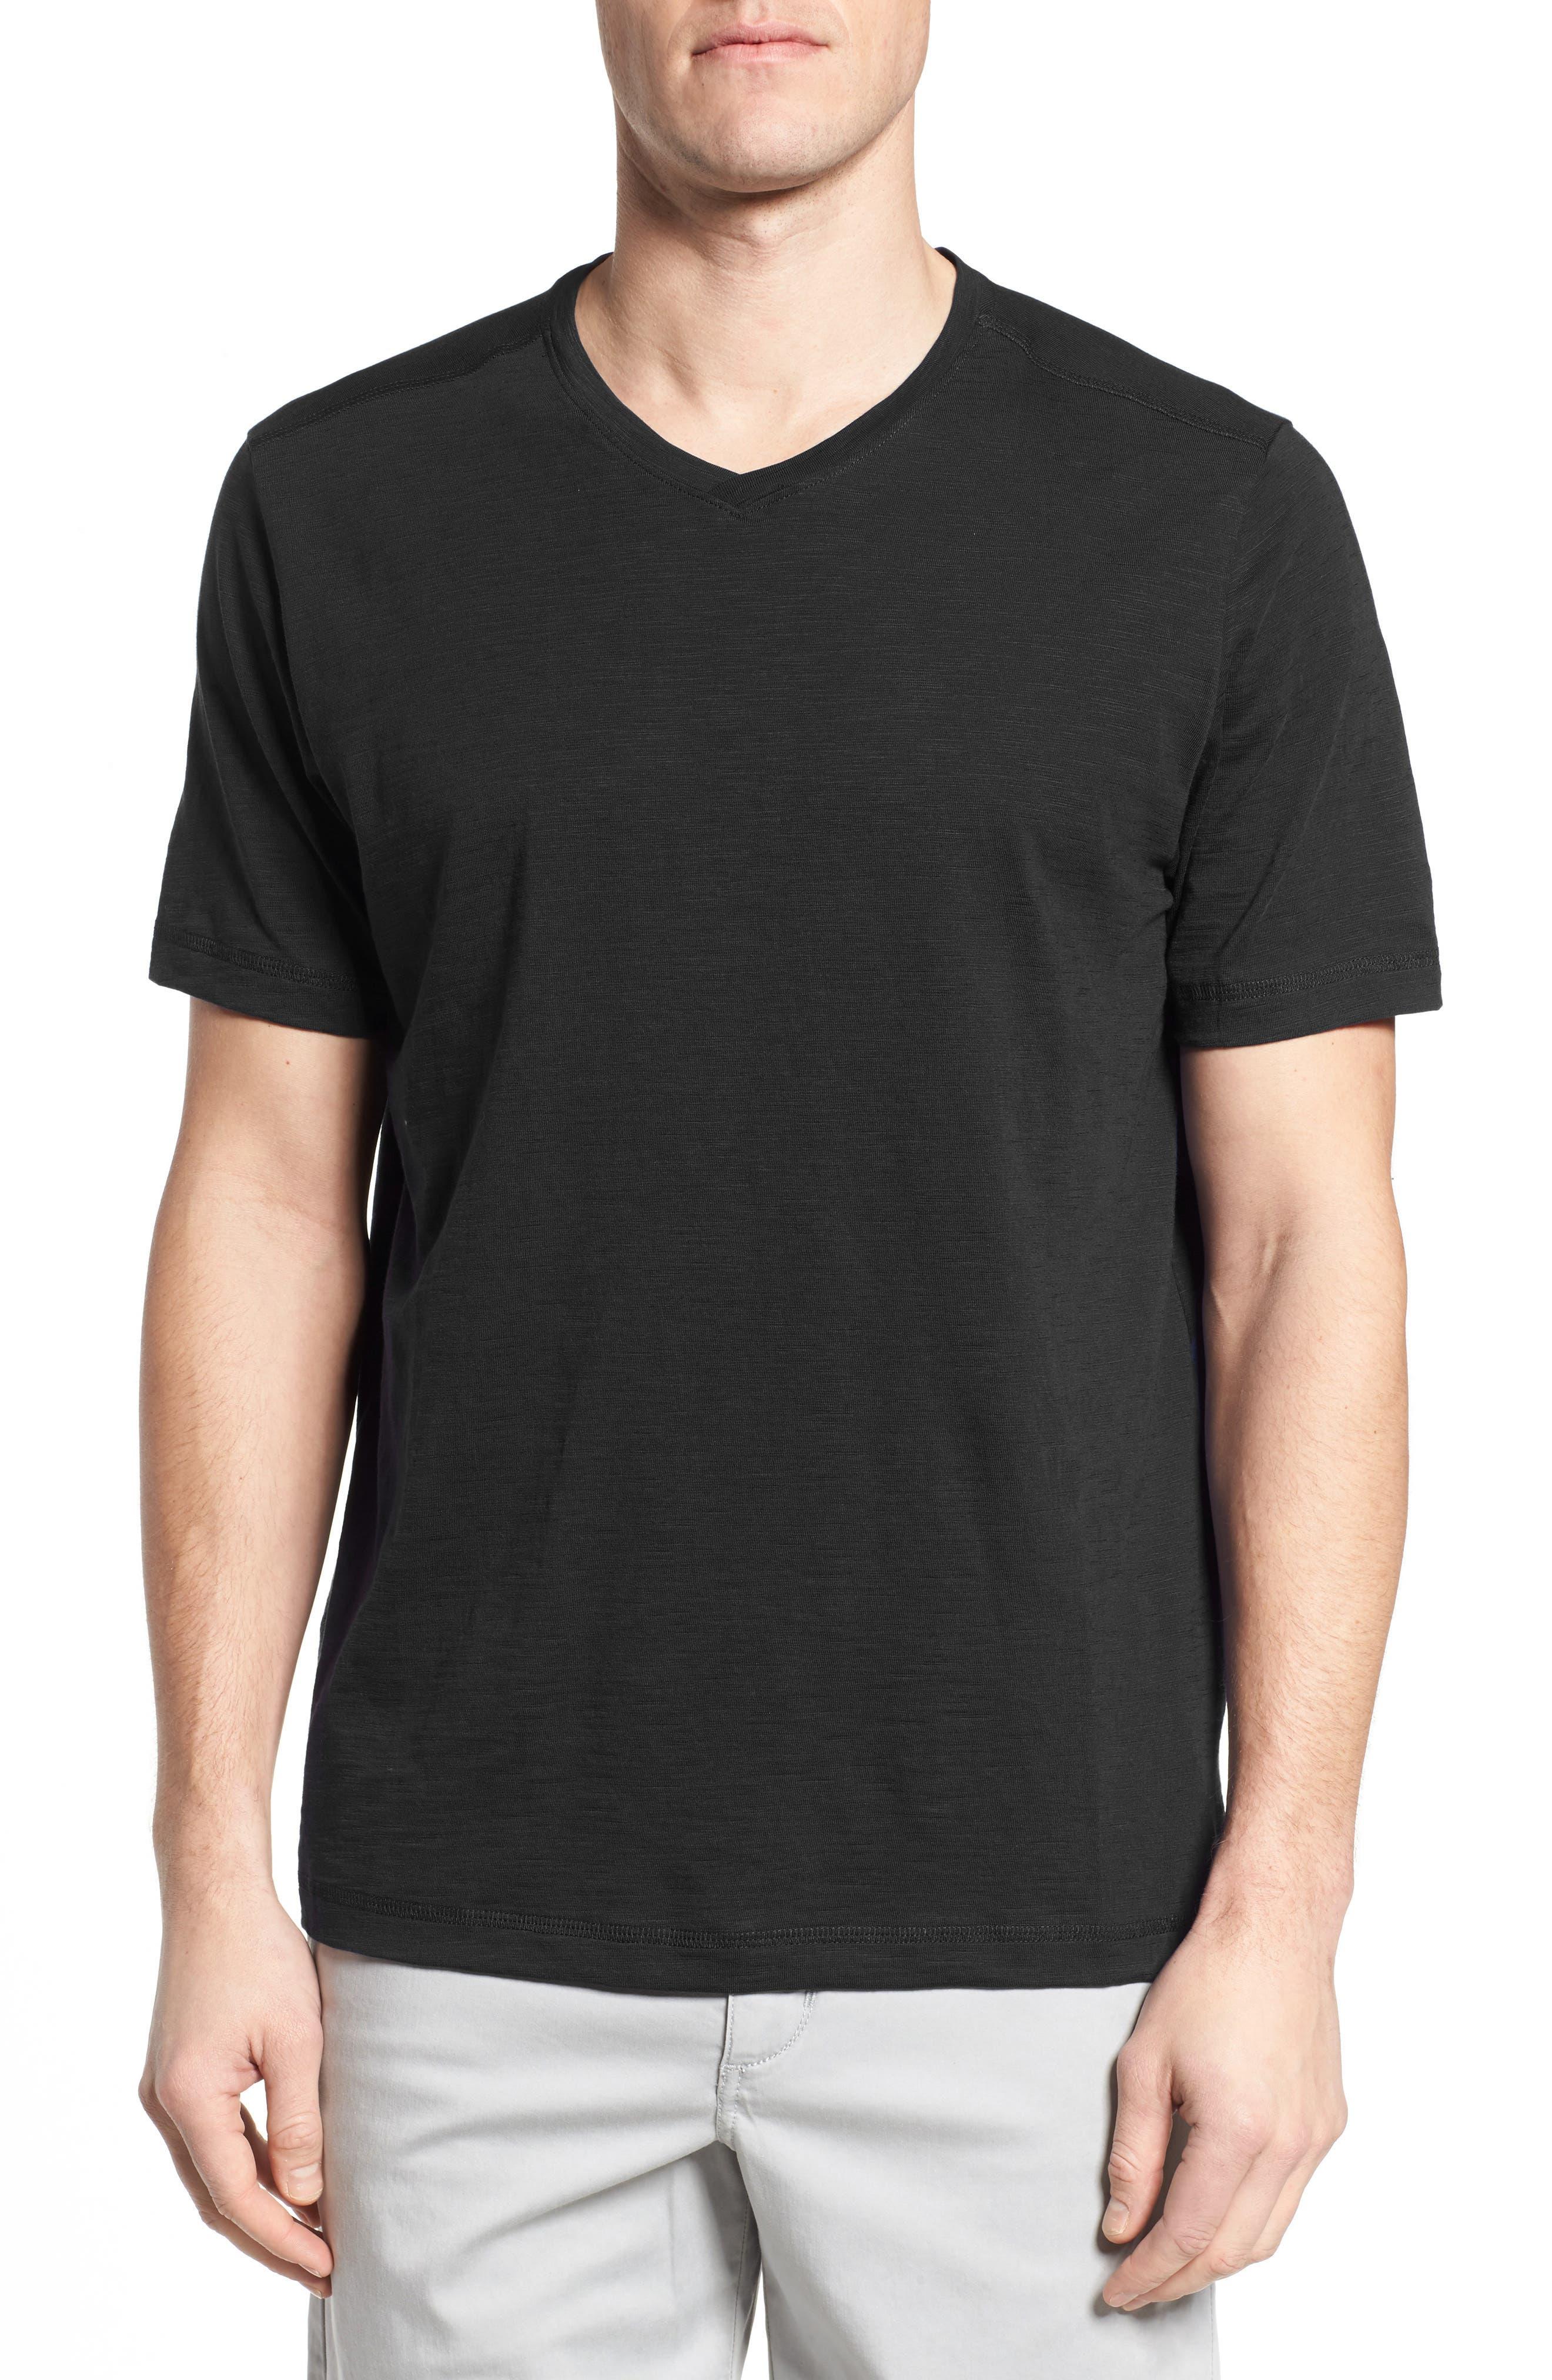 Main Image - Tommy Bahama Portside Palms V-Neck T-Shirt